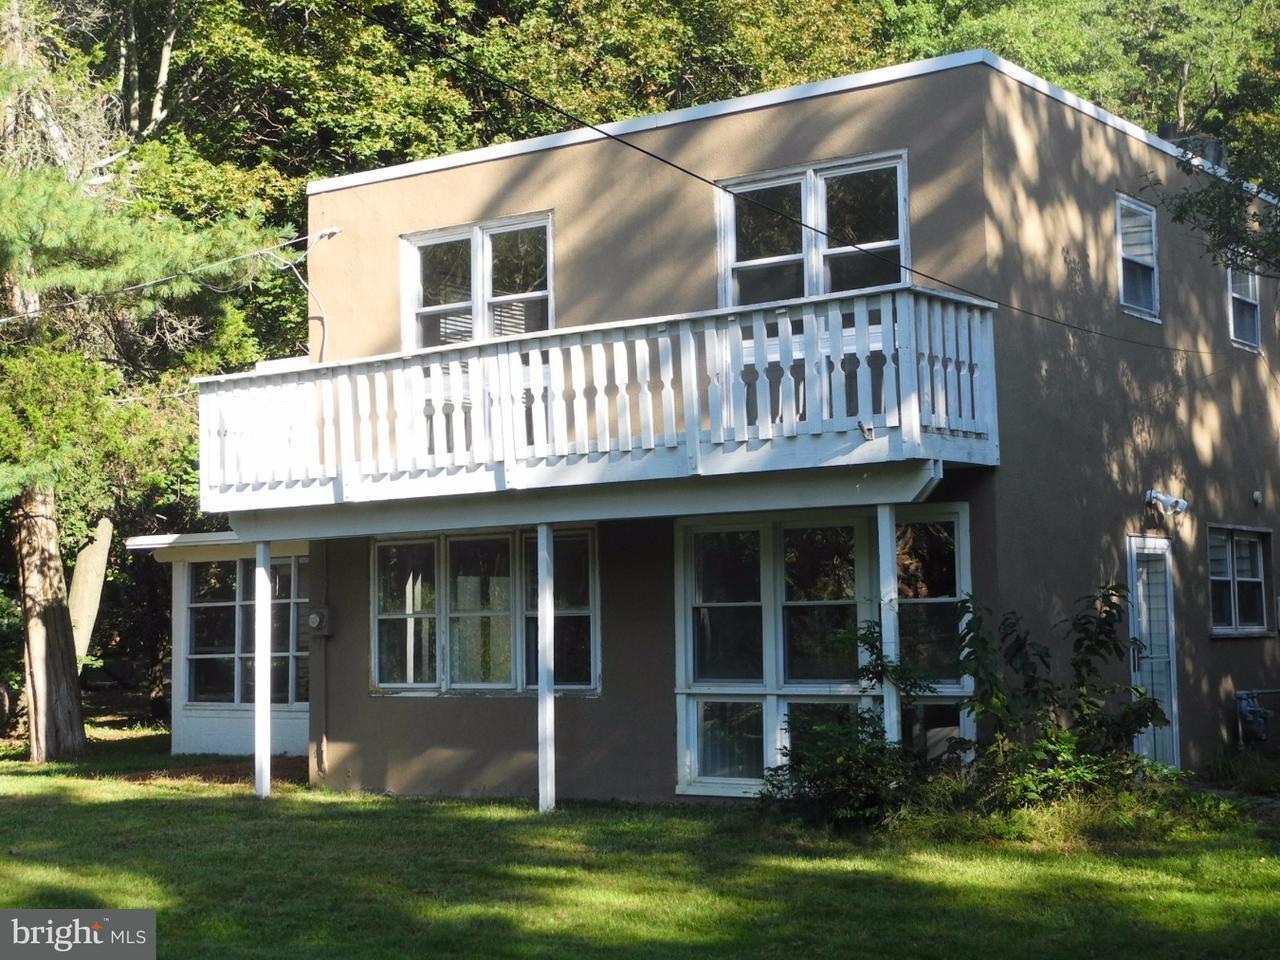 联栋屋 为 销售 在 36 FARM Lane Roosevelt, 新泽西州 08555 美国